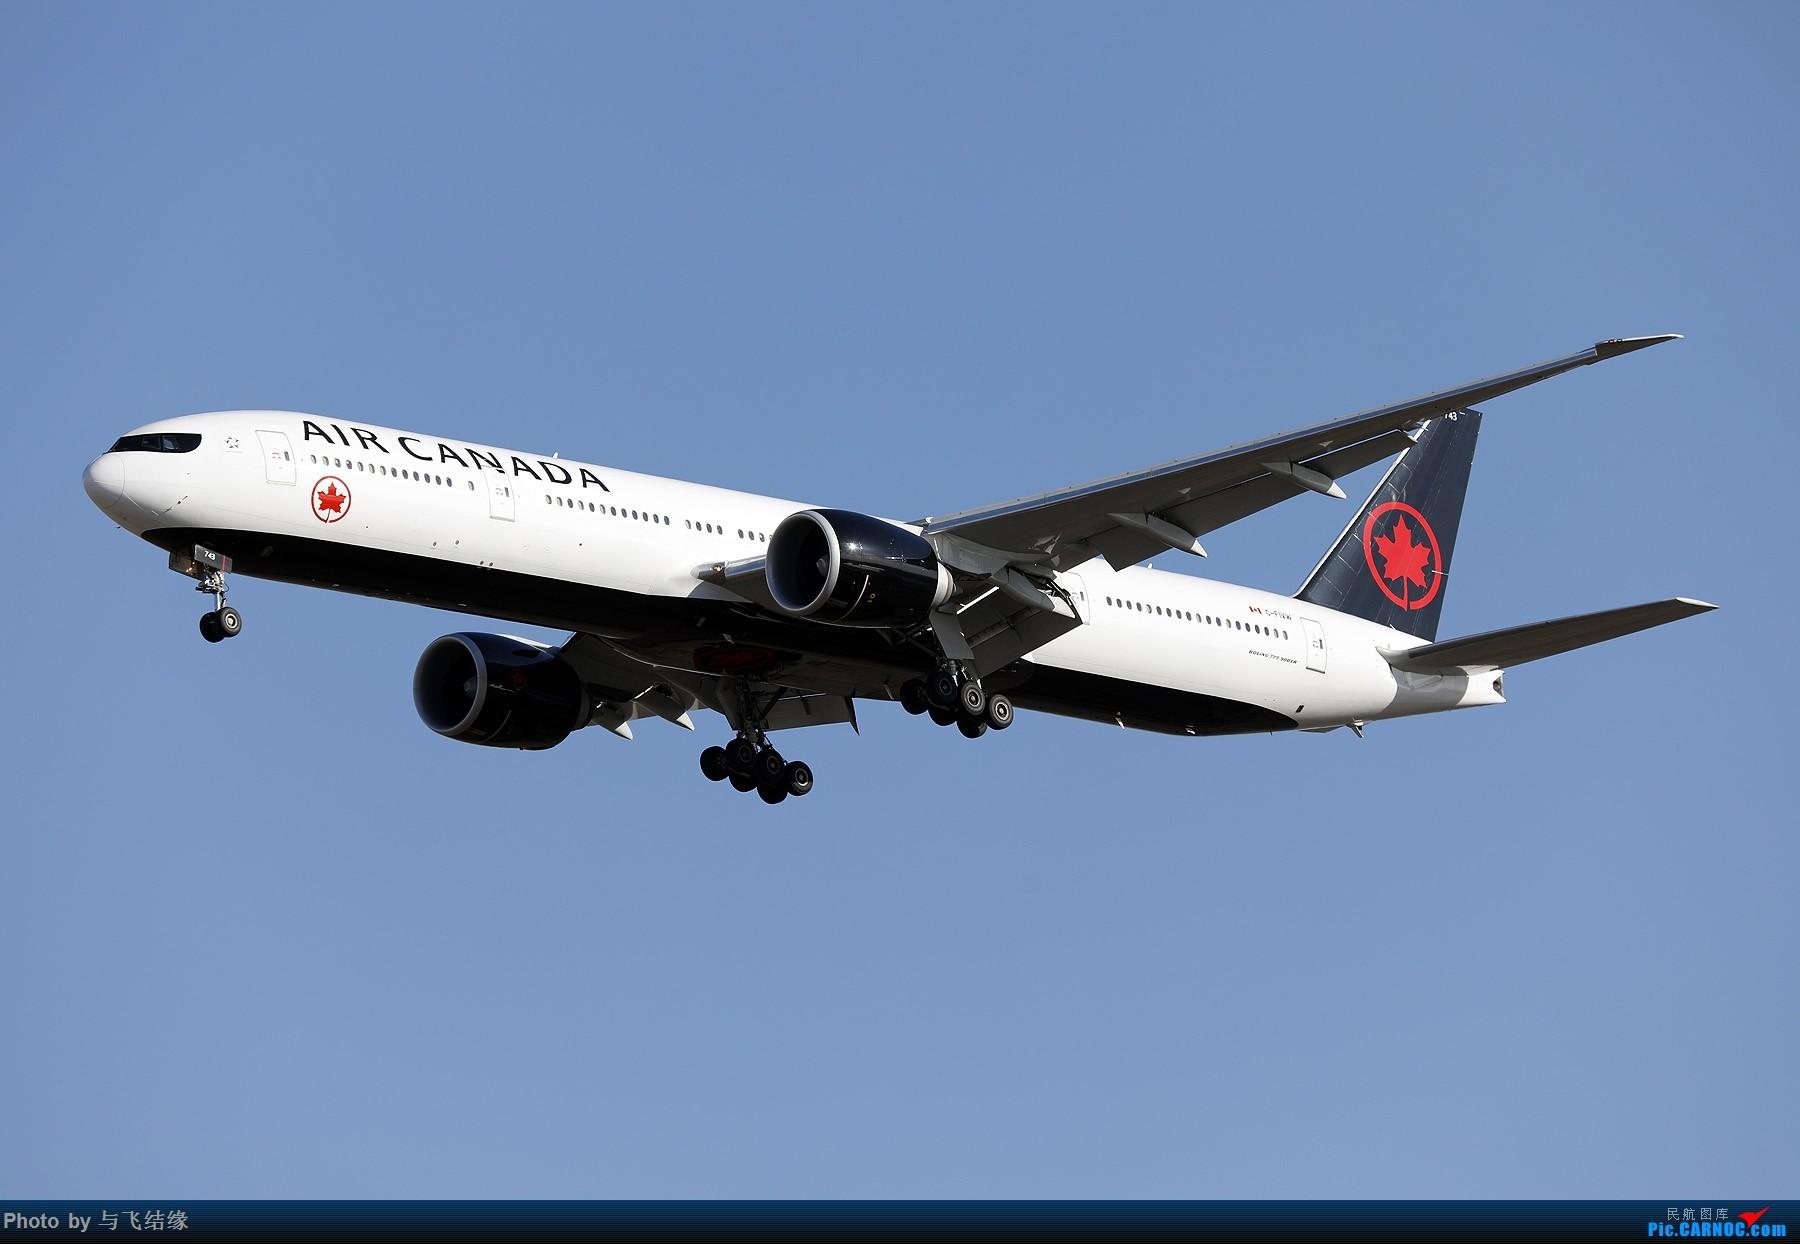 Re:[原创]以色列航空波音777-200、加拿大航空波音77W新装、国航最新空客350-900. BOEING 777-300ER C-FIVW 中国北京首都国际机场